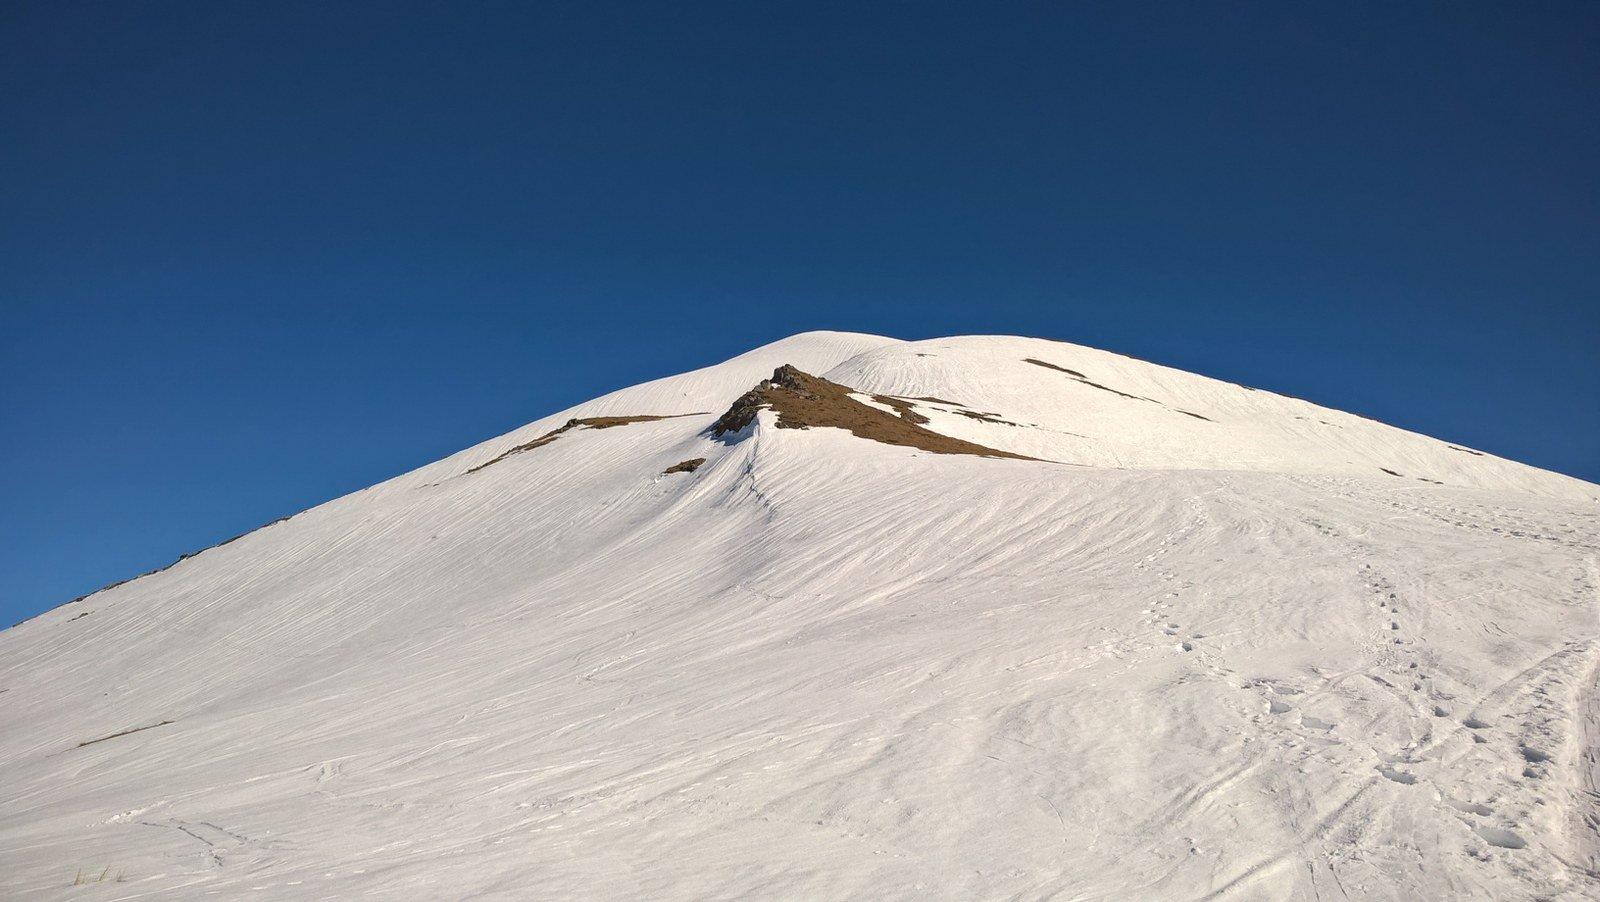 Seconda discesa con neve più smollata